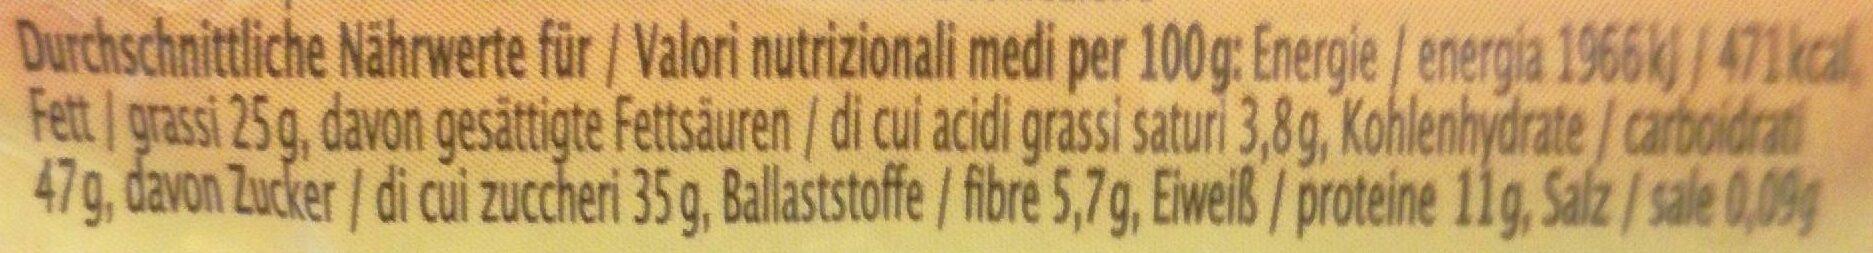 Sesamini - Informations nutritionnelles - de